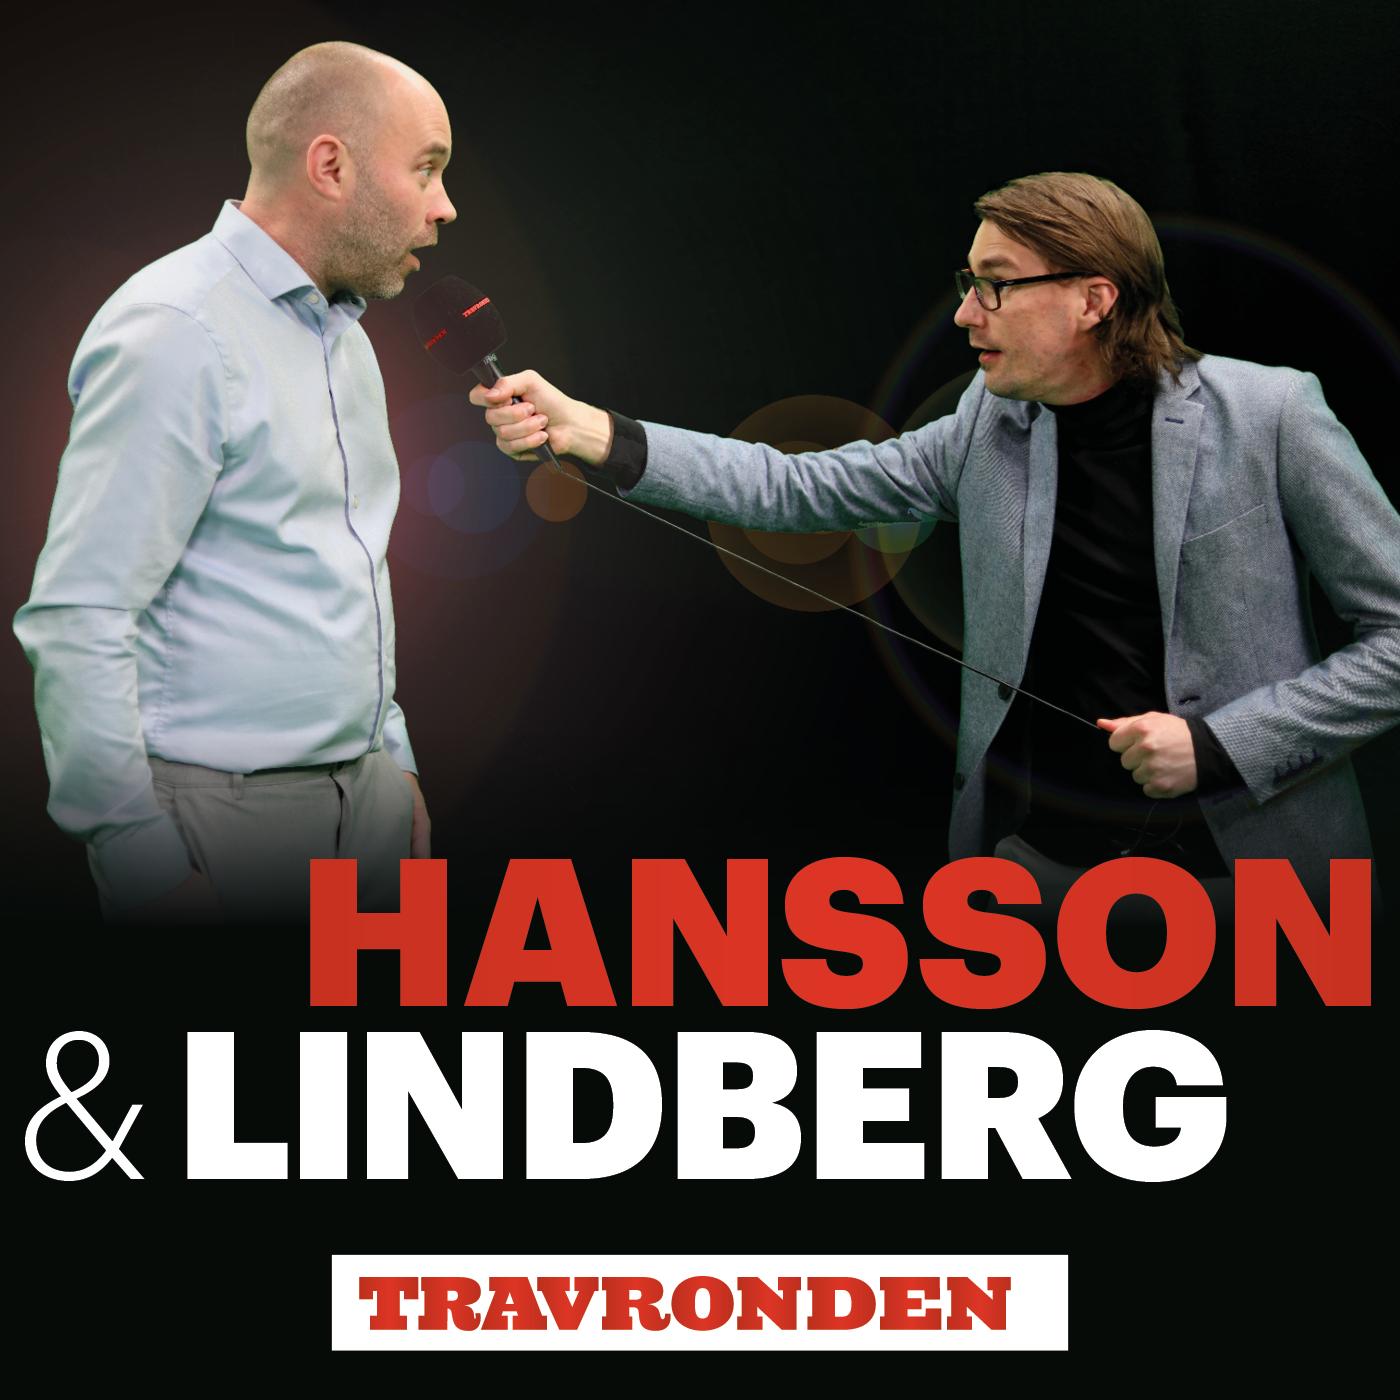 Premiär: HANSSON OCH LINDBERG